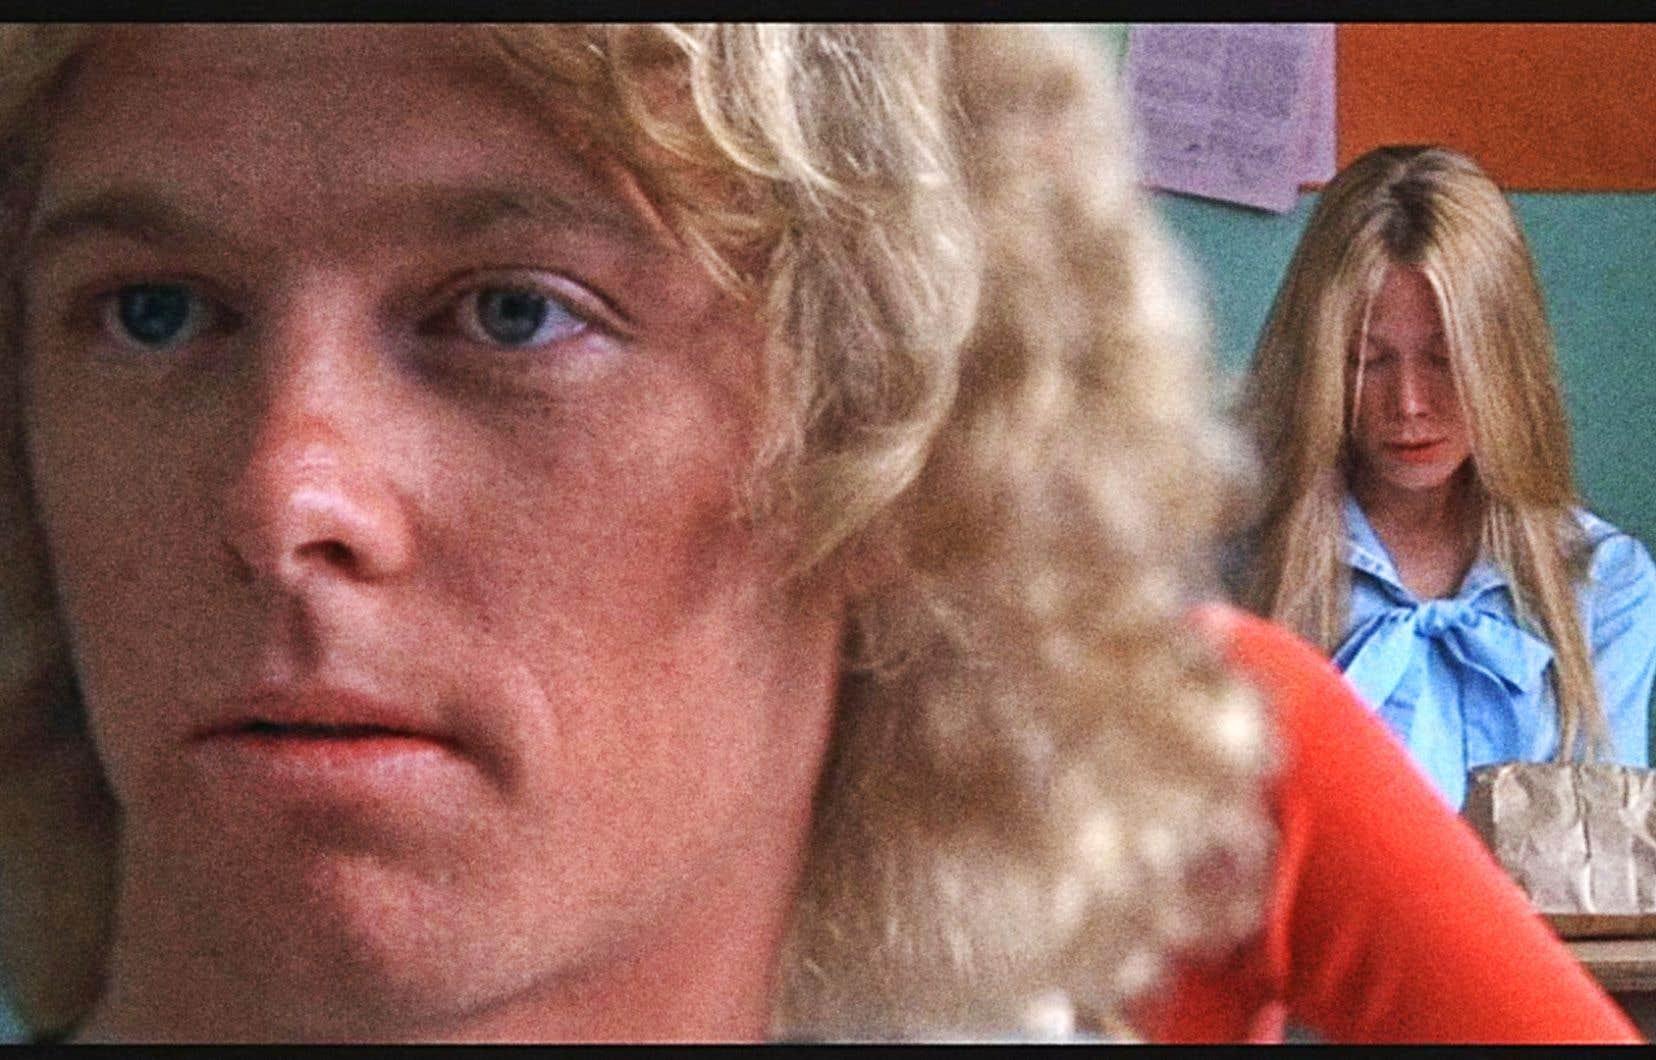 Dans «Carrie», on peut voir en même temps la réaction du populaire élève Tommy (William Katt) à l'avant de la classe et celle de l'ostracisée Carrie (Sissy Spacek) à l'arrière après la lecture d'un poème.